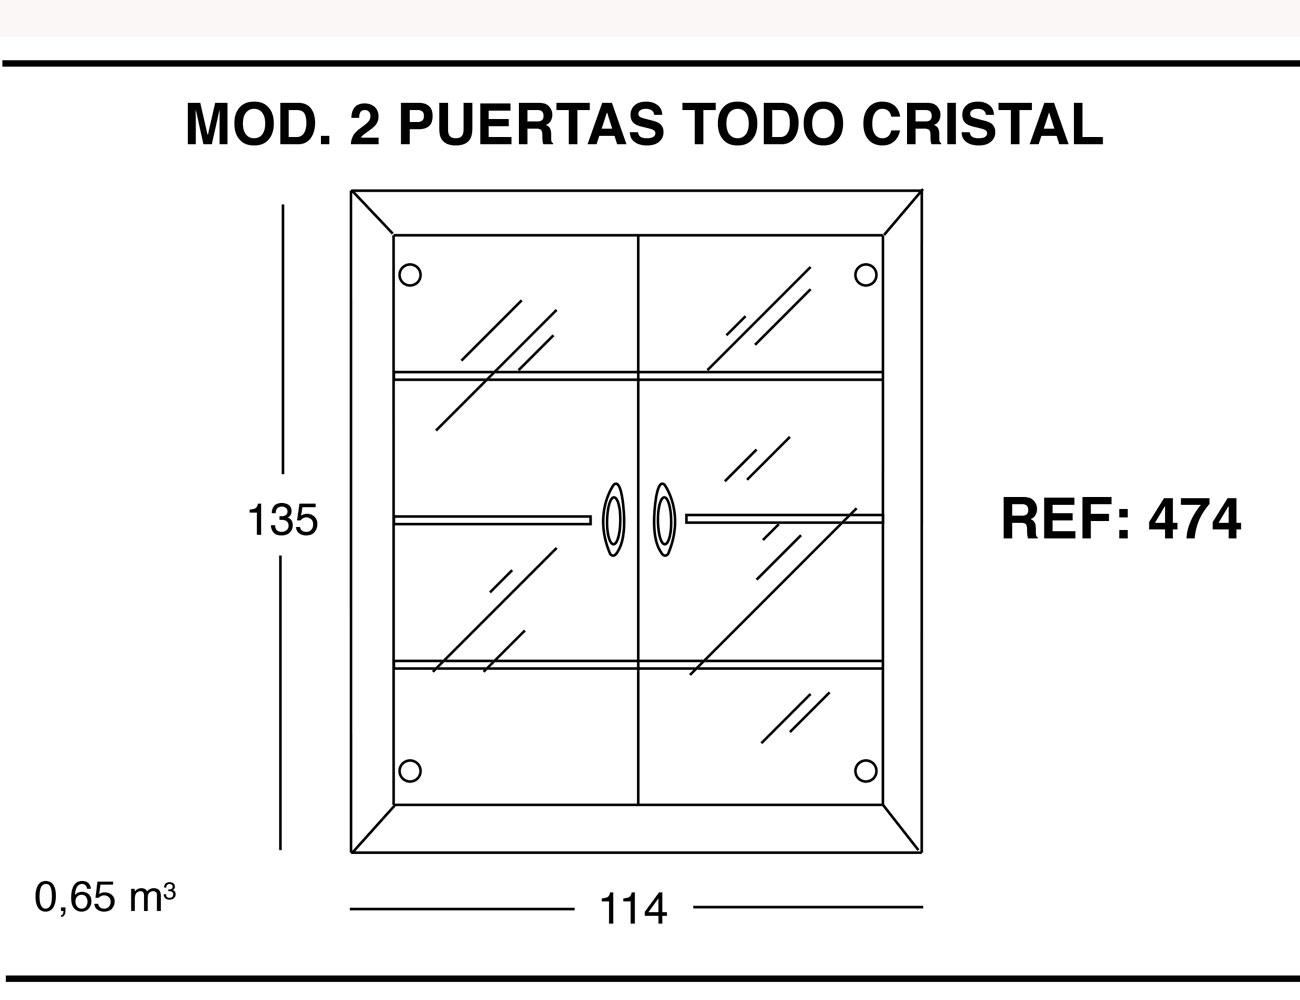 Modulo 2 puertas todo cristal